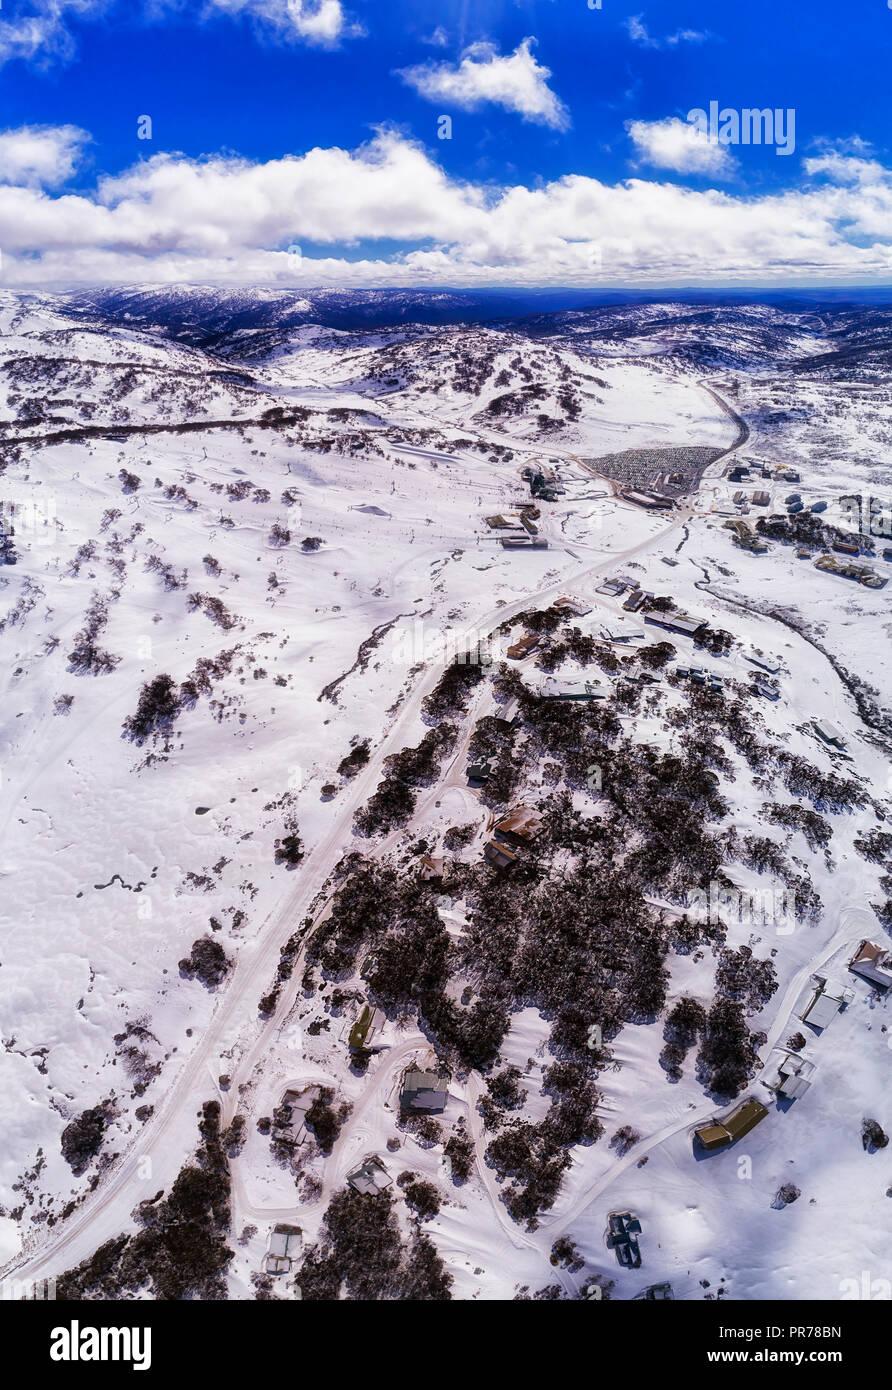 Regionales remota aldea de Perisher Valley High en montañas nevadas de Australia durante la temporada de esquí de invierno con mucha nieve en las laderas del complejo. Imagen De Stock